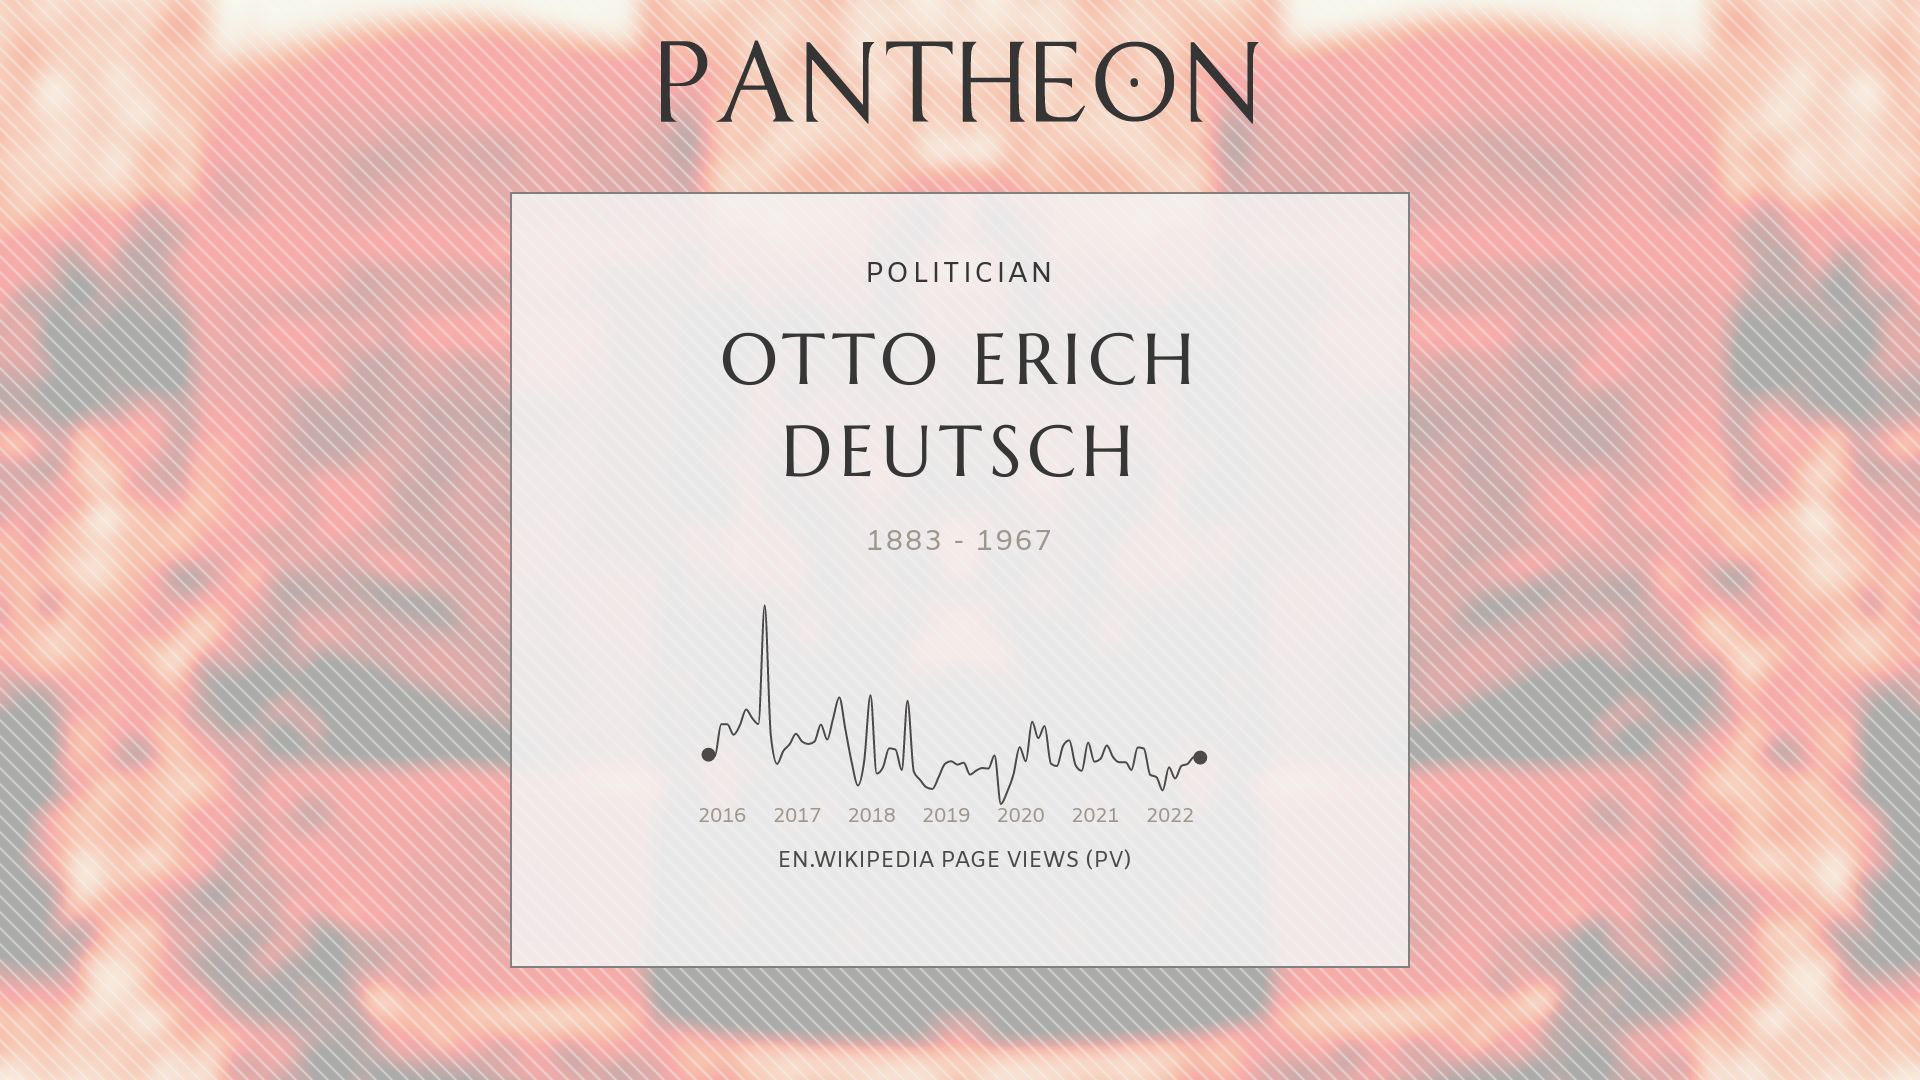 Otto Erich Deutsch